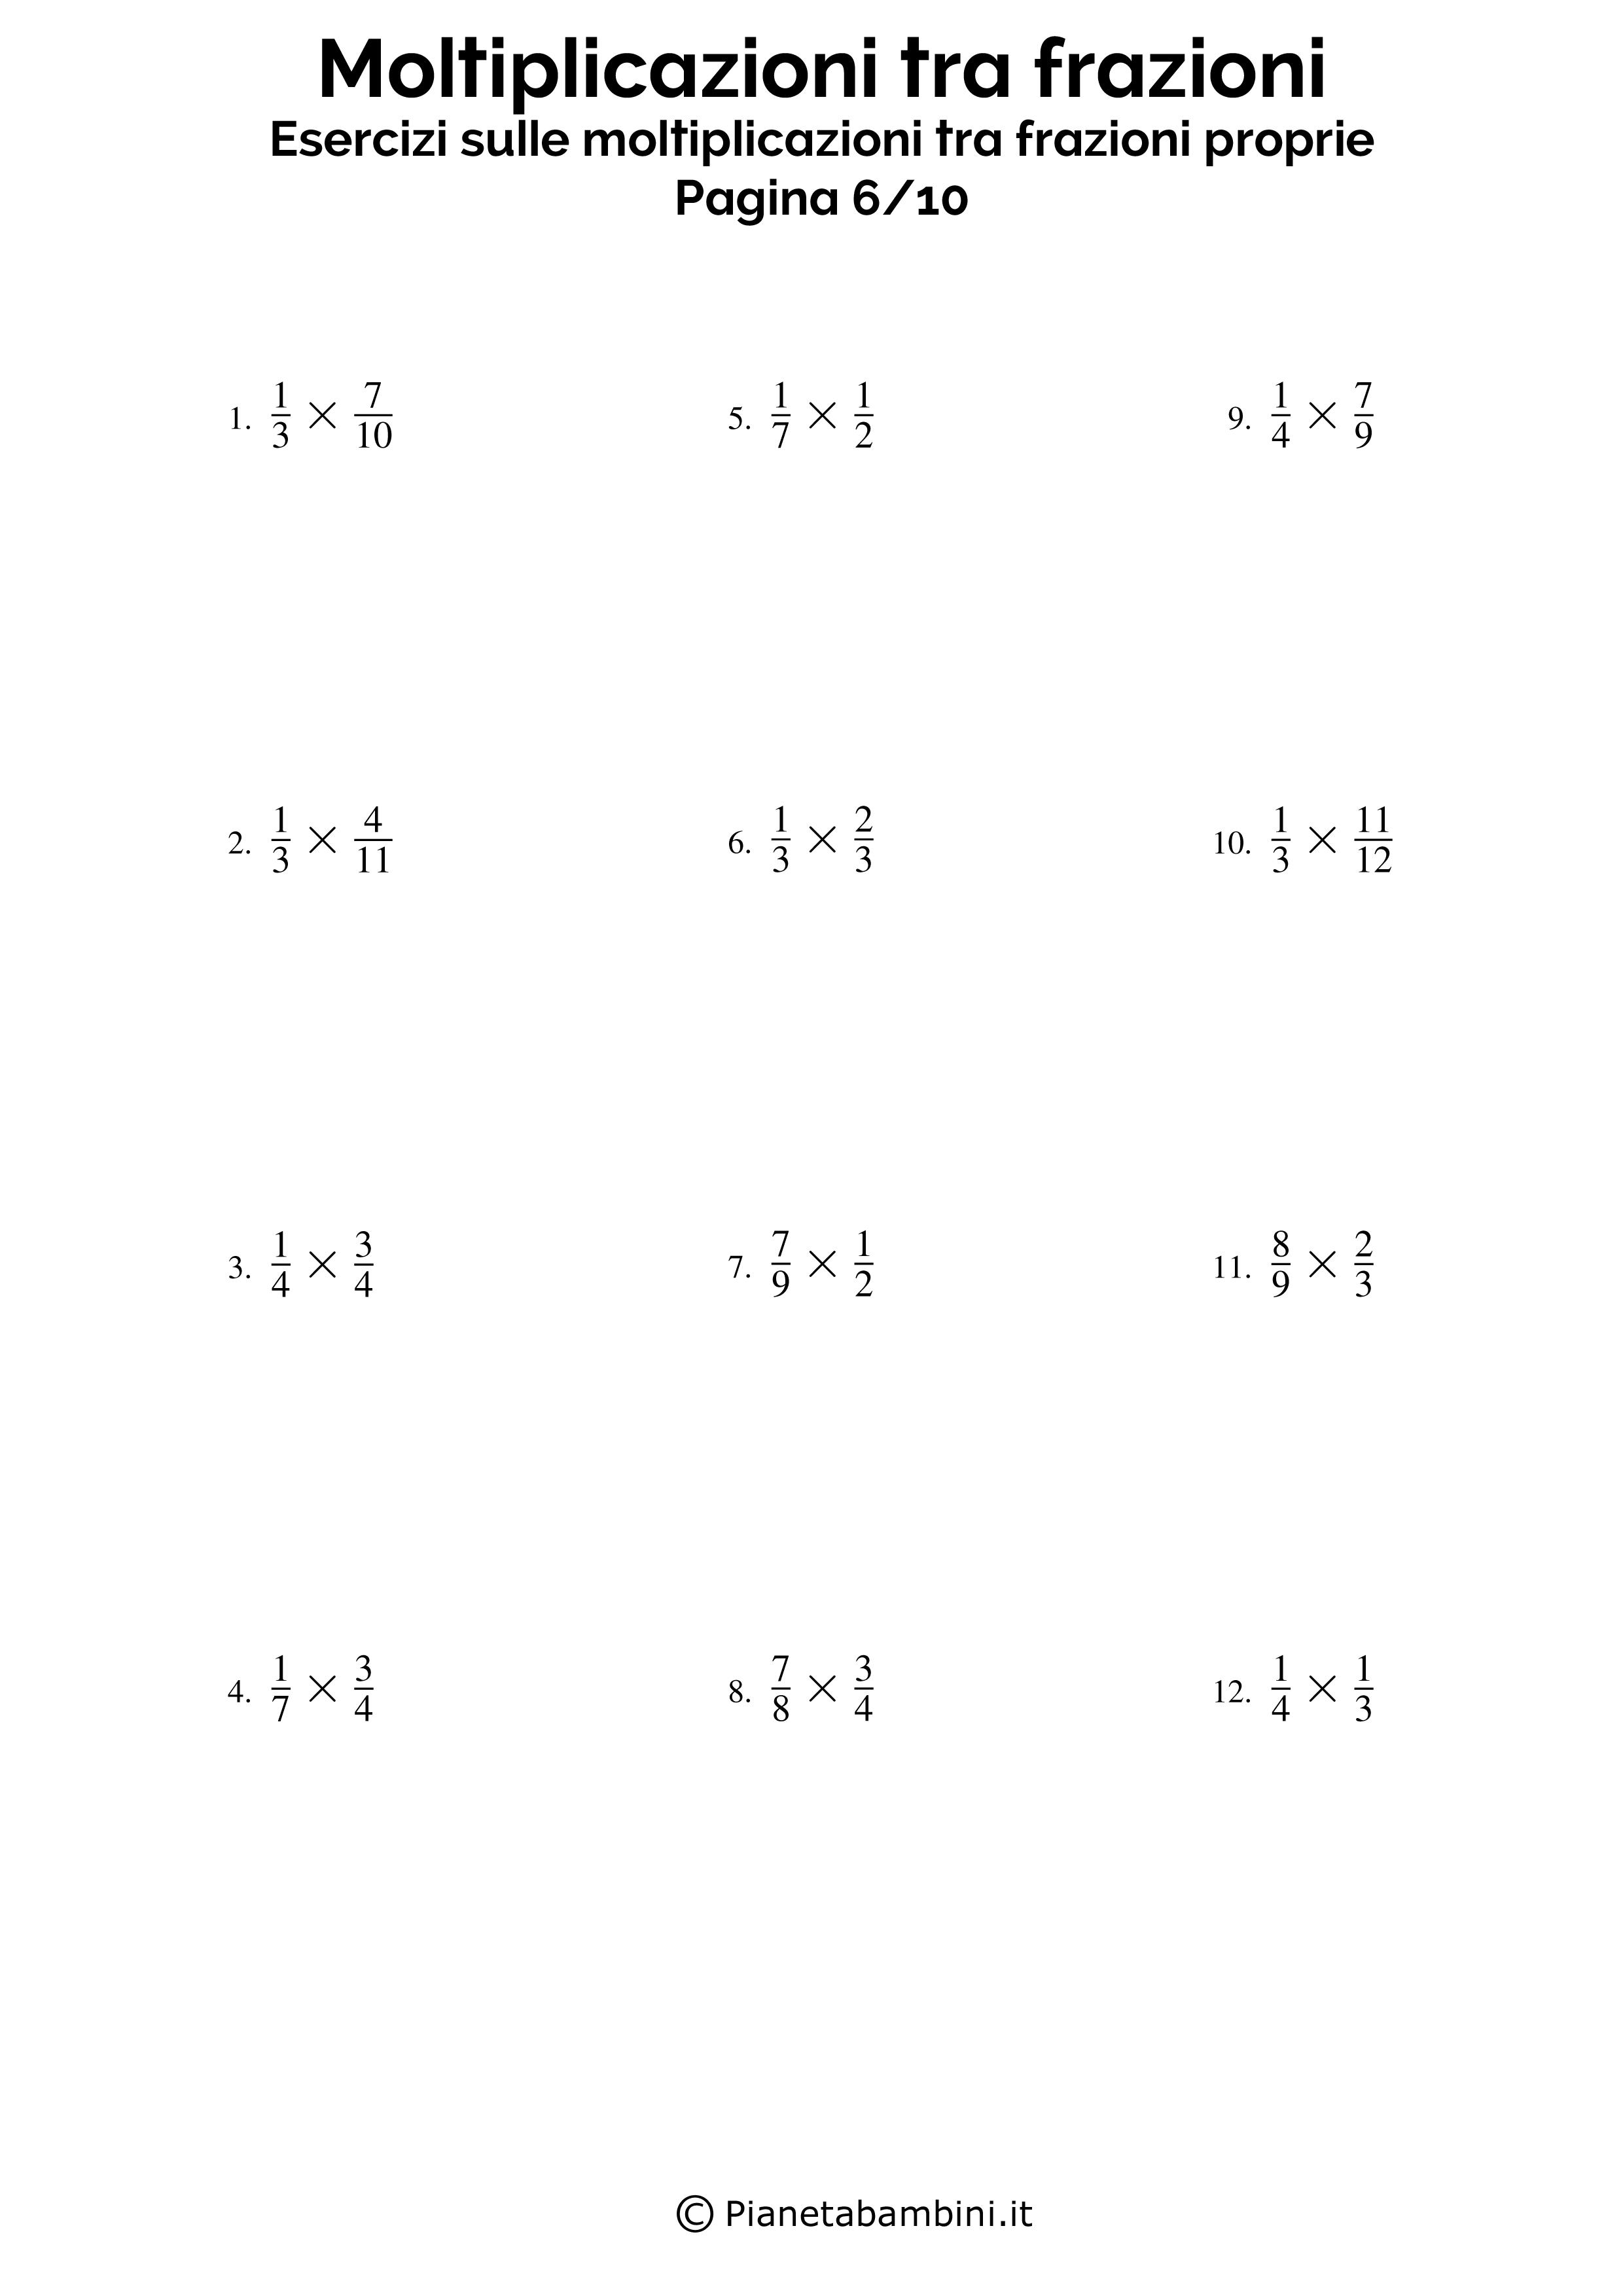 Moltiplicazioni-Frazioni-Proprie_06